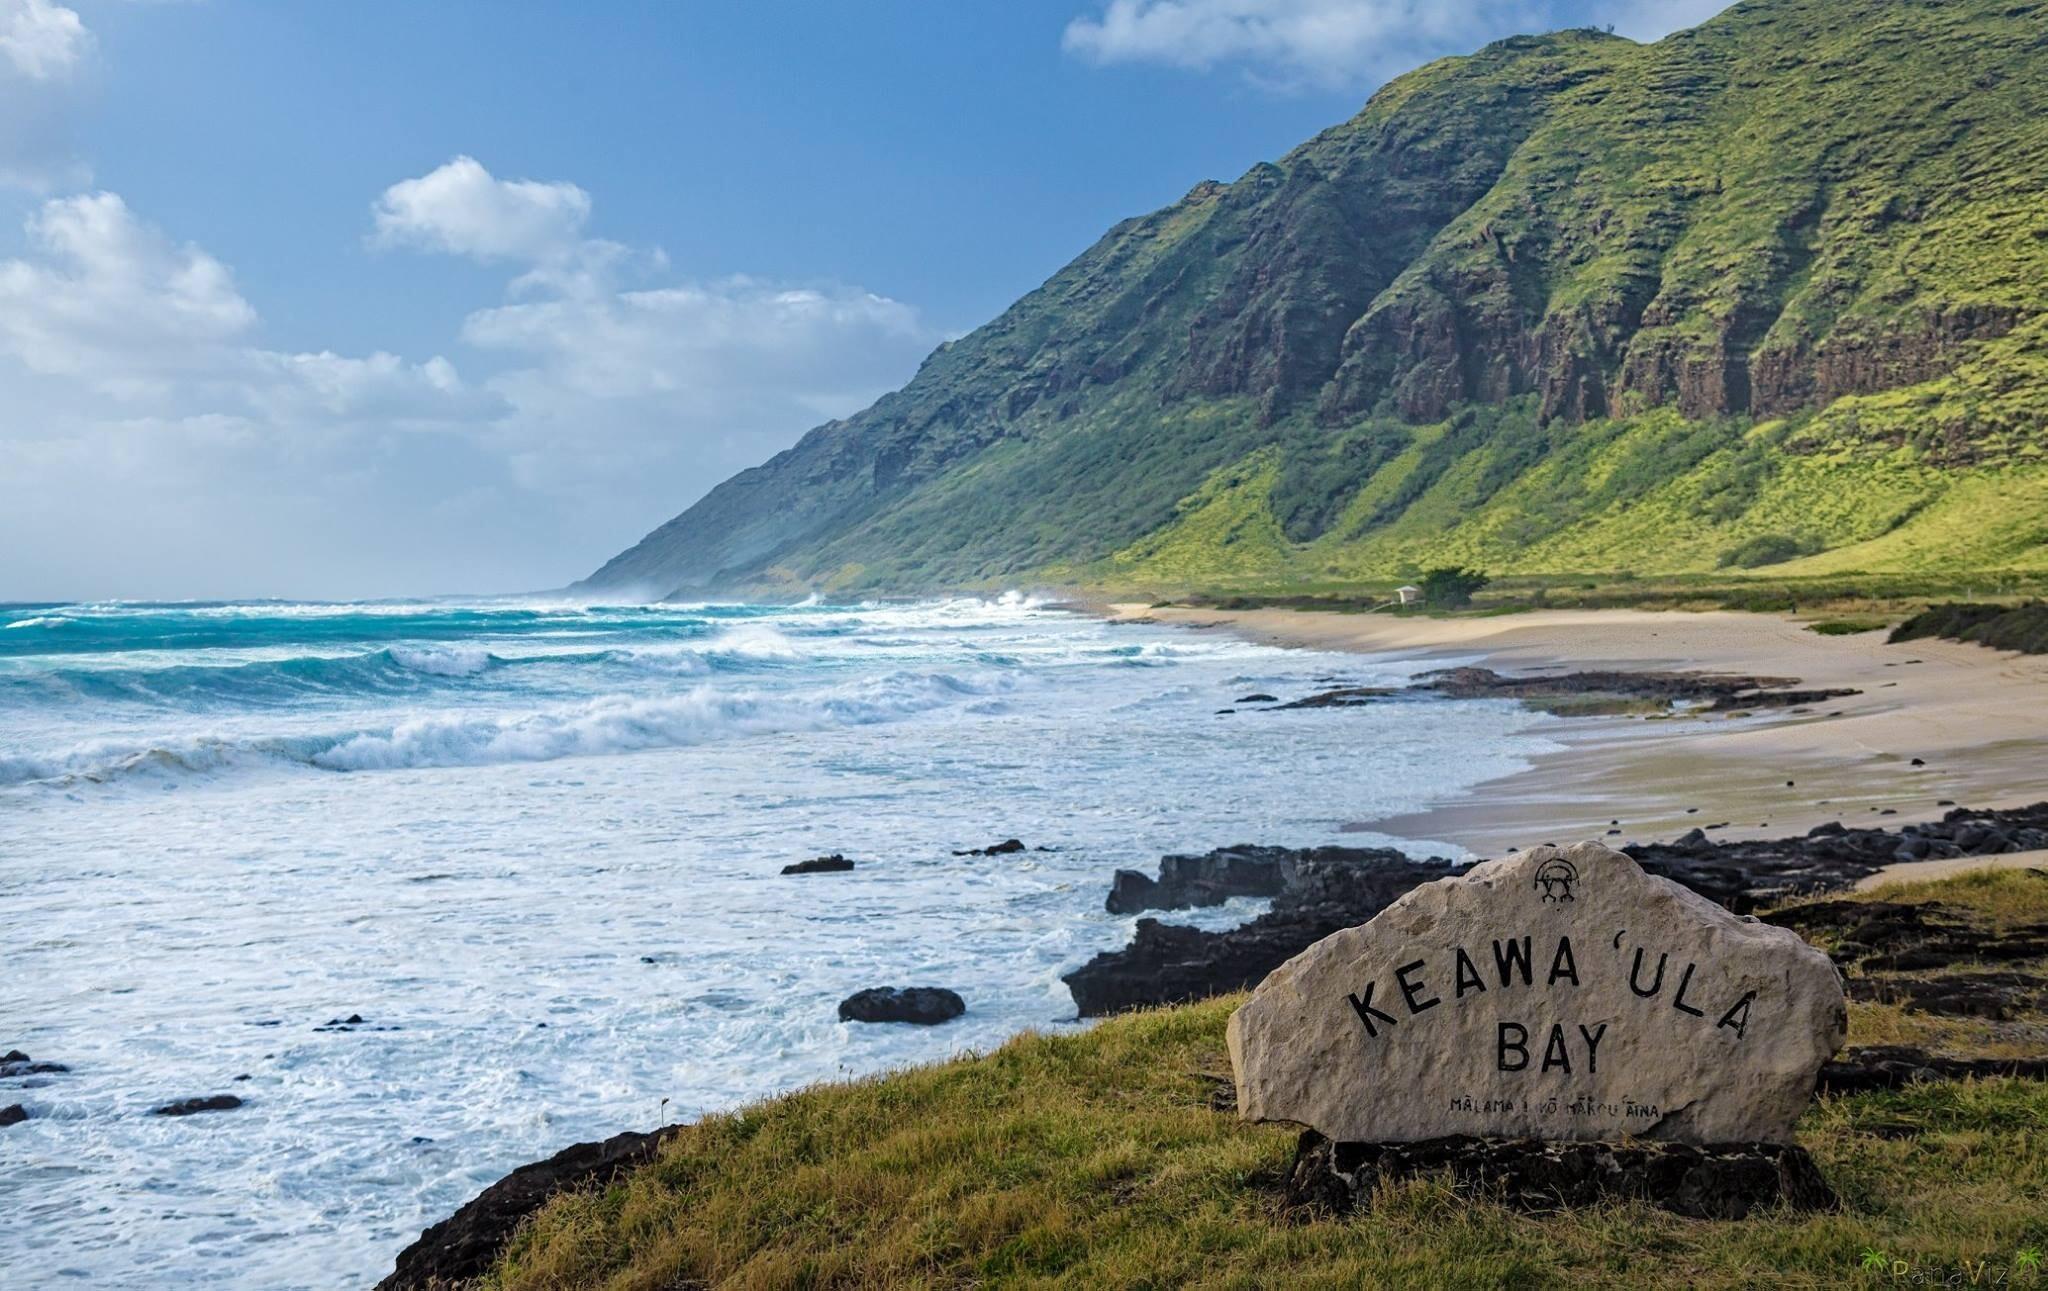 High surf at Keawa'ula Bay by PanaViz